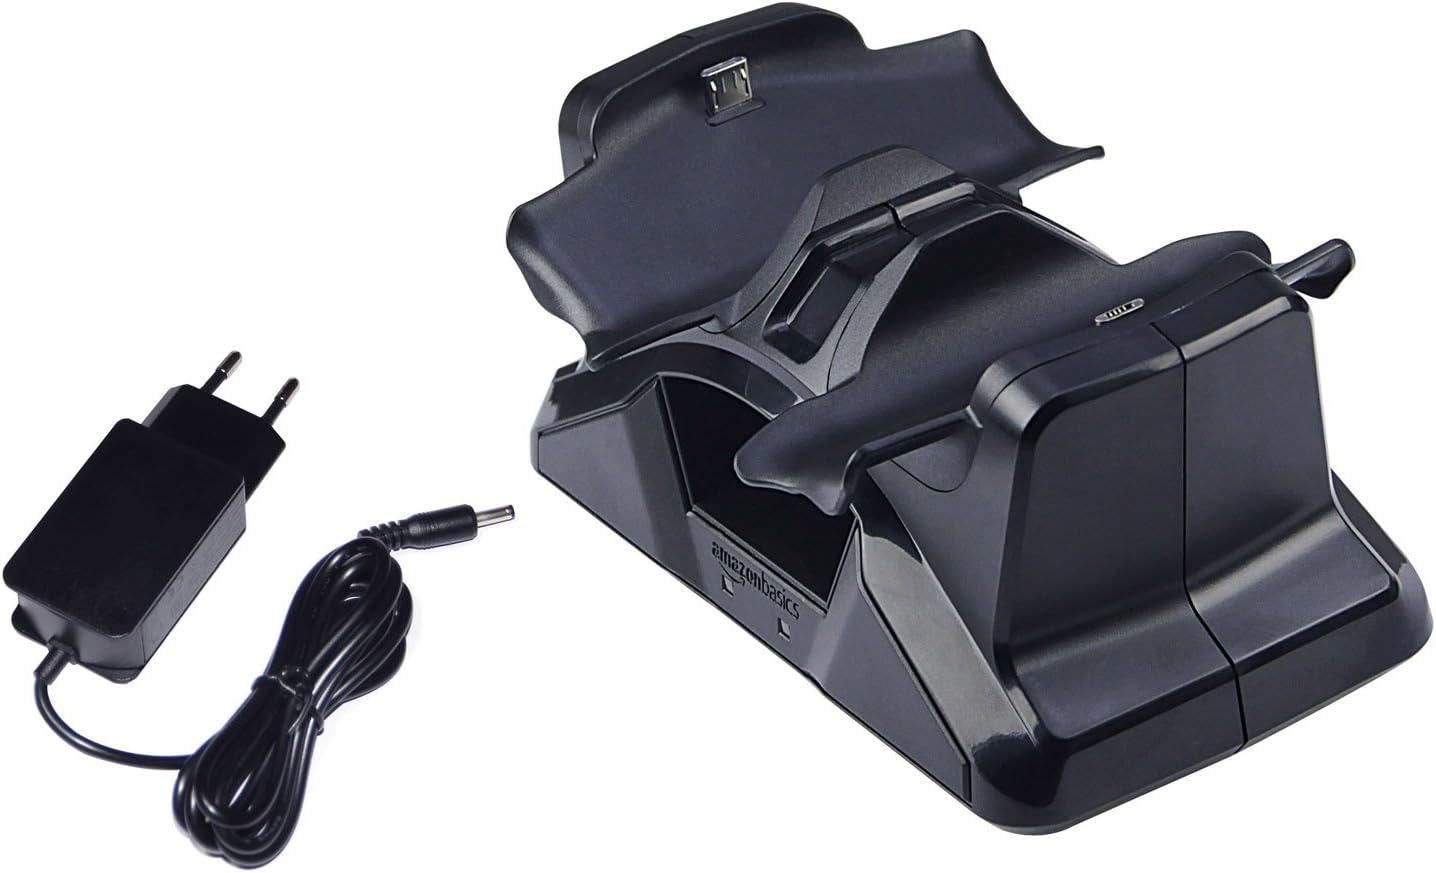 AmazonBasics - Estación de carga para los mandos de la PlayStation 4 DualShock 4: Amazon.es: Videojuegos